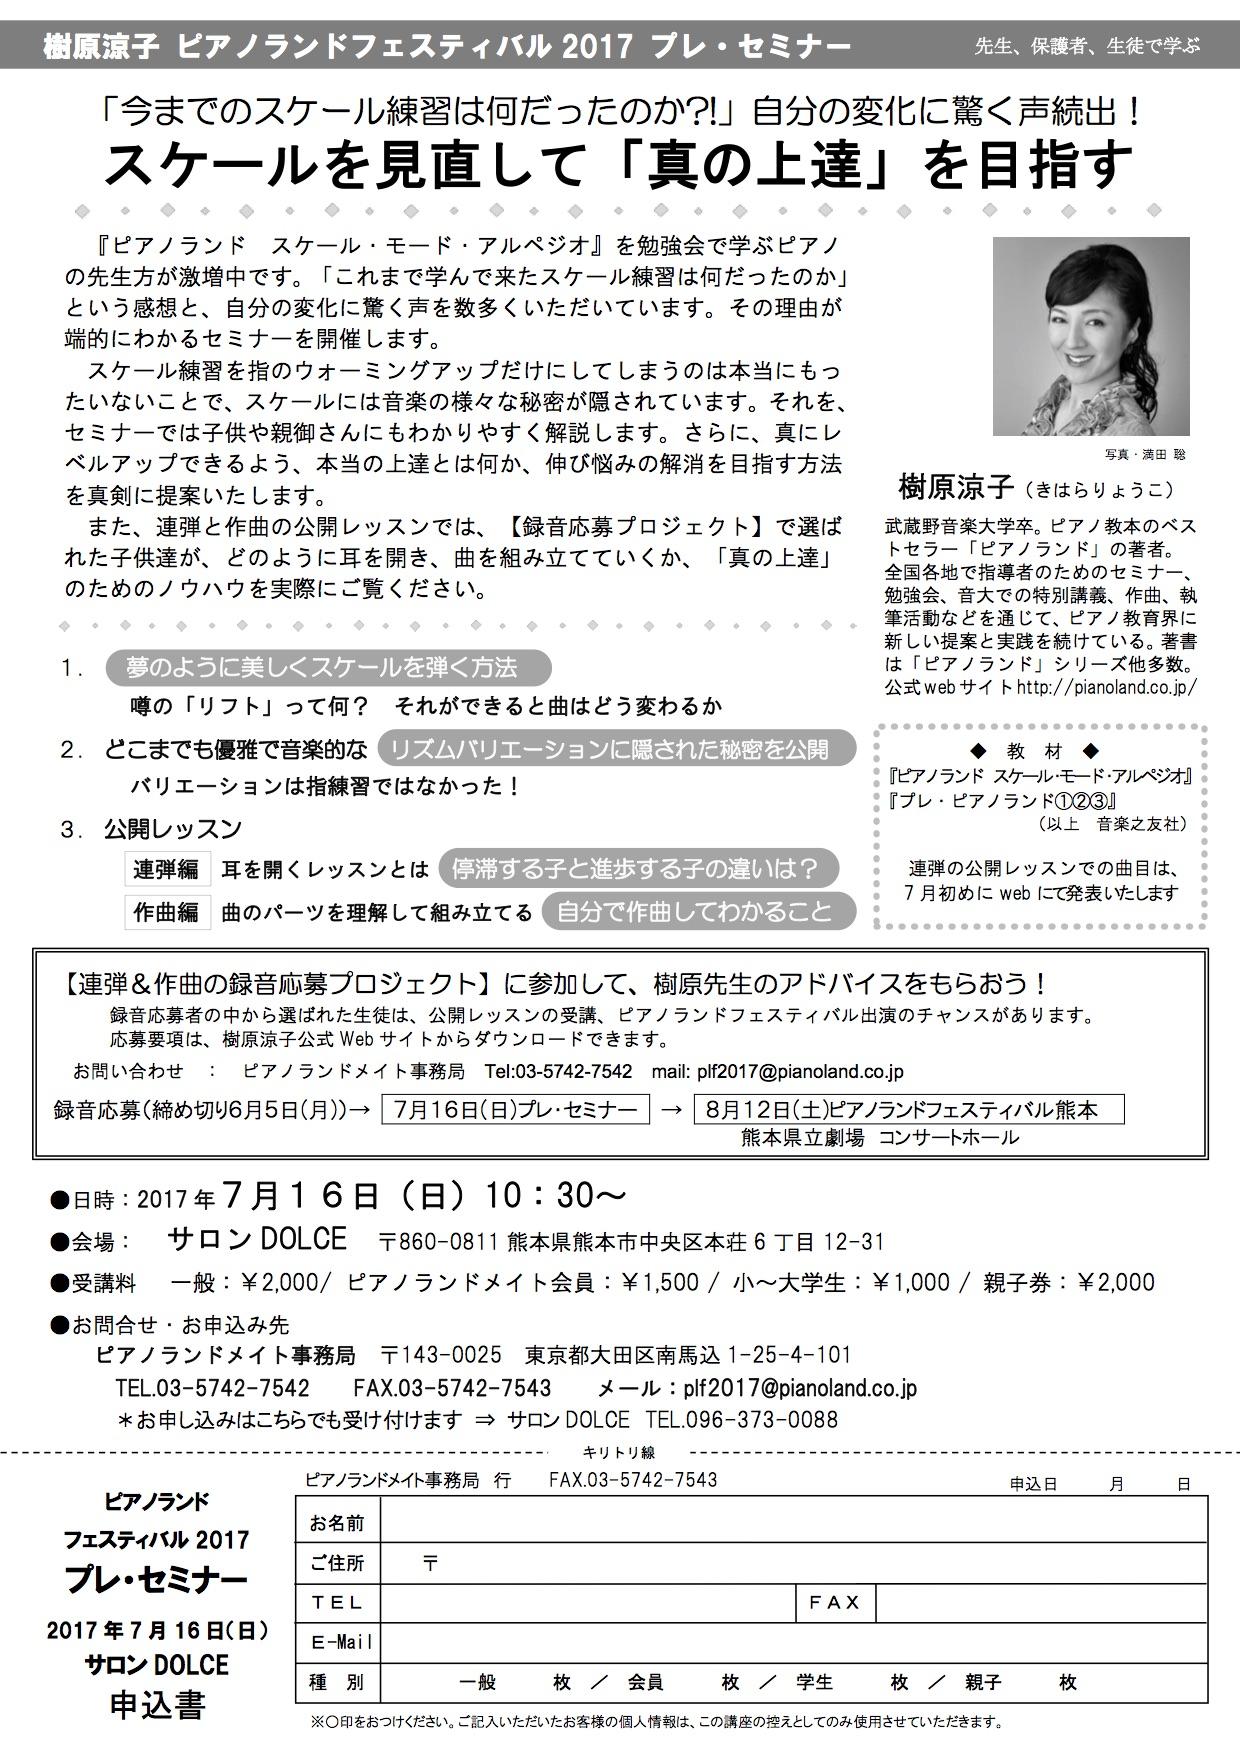 ピアノランドフェスティバル2017プレ・セミナー(熊本)